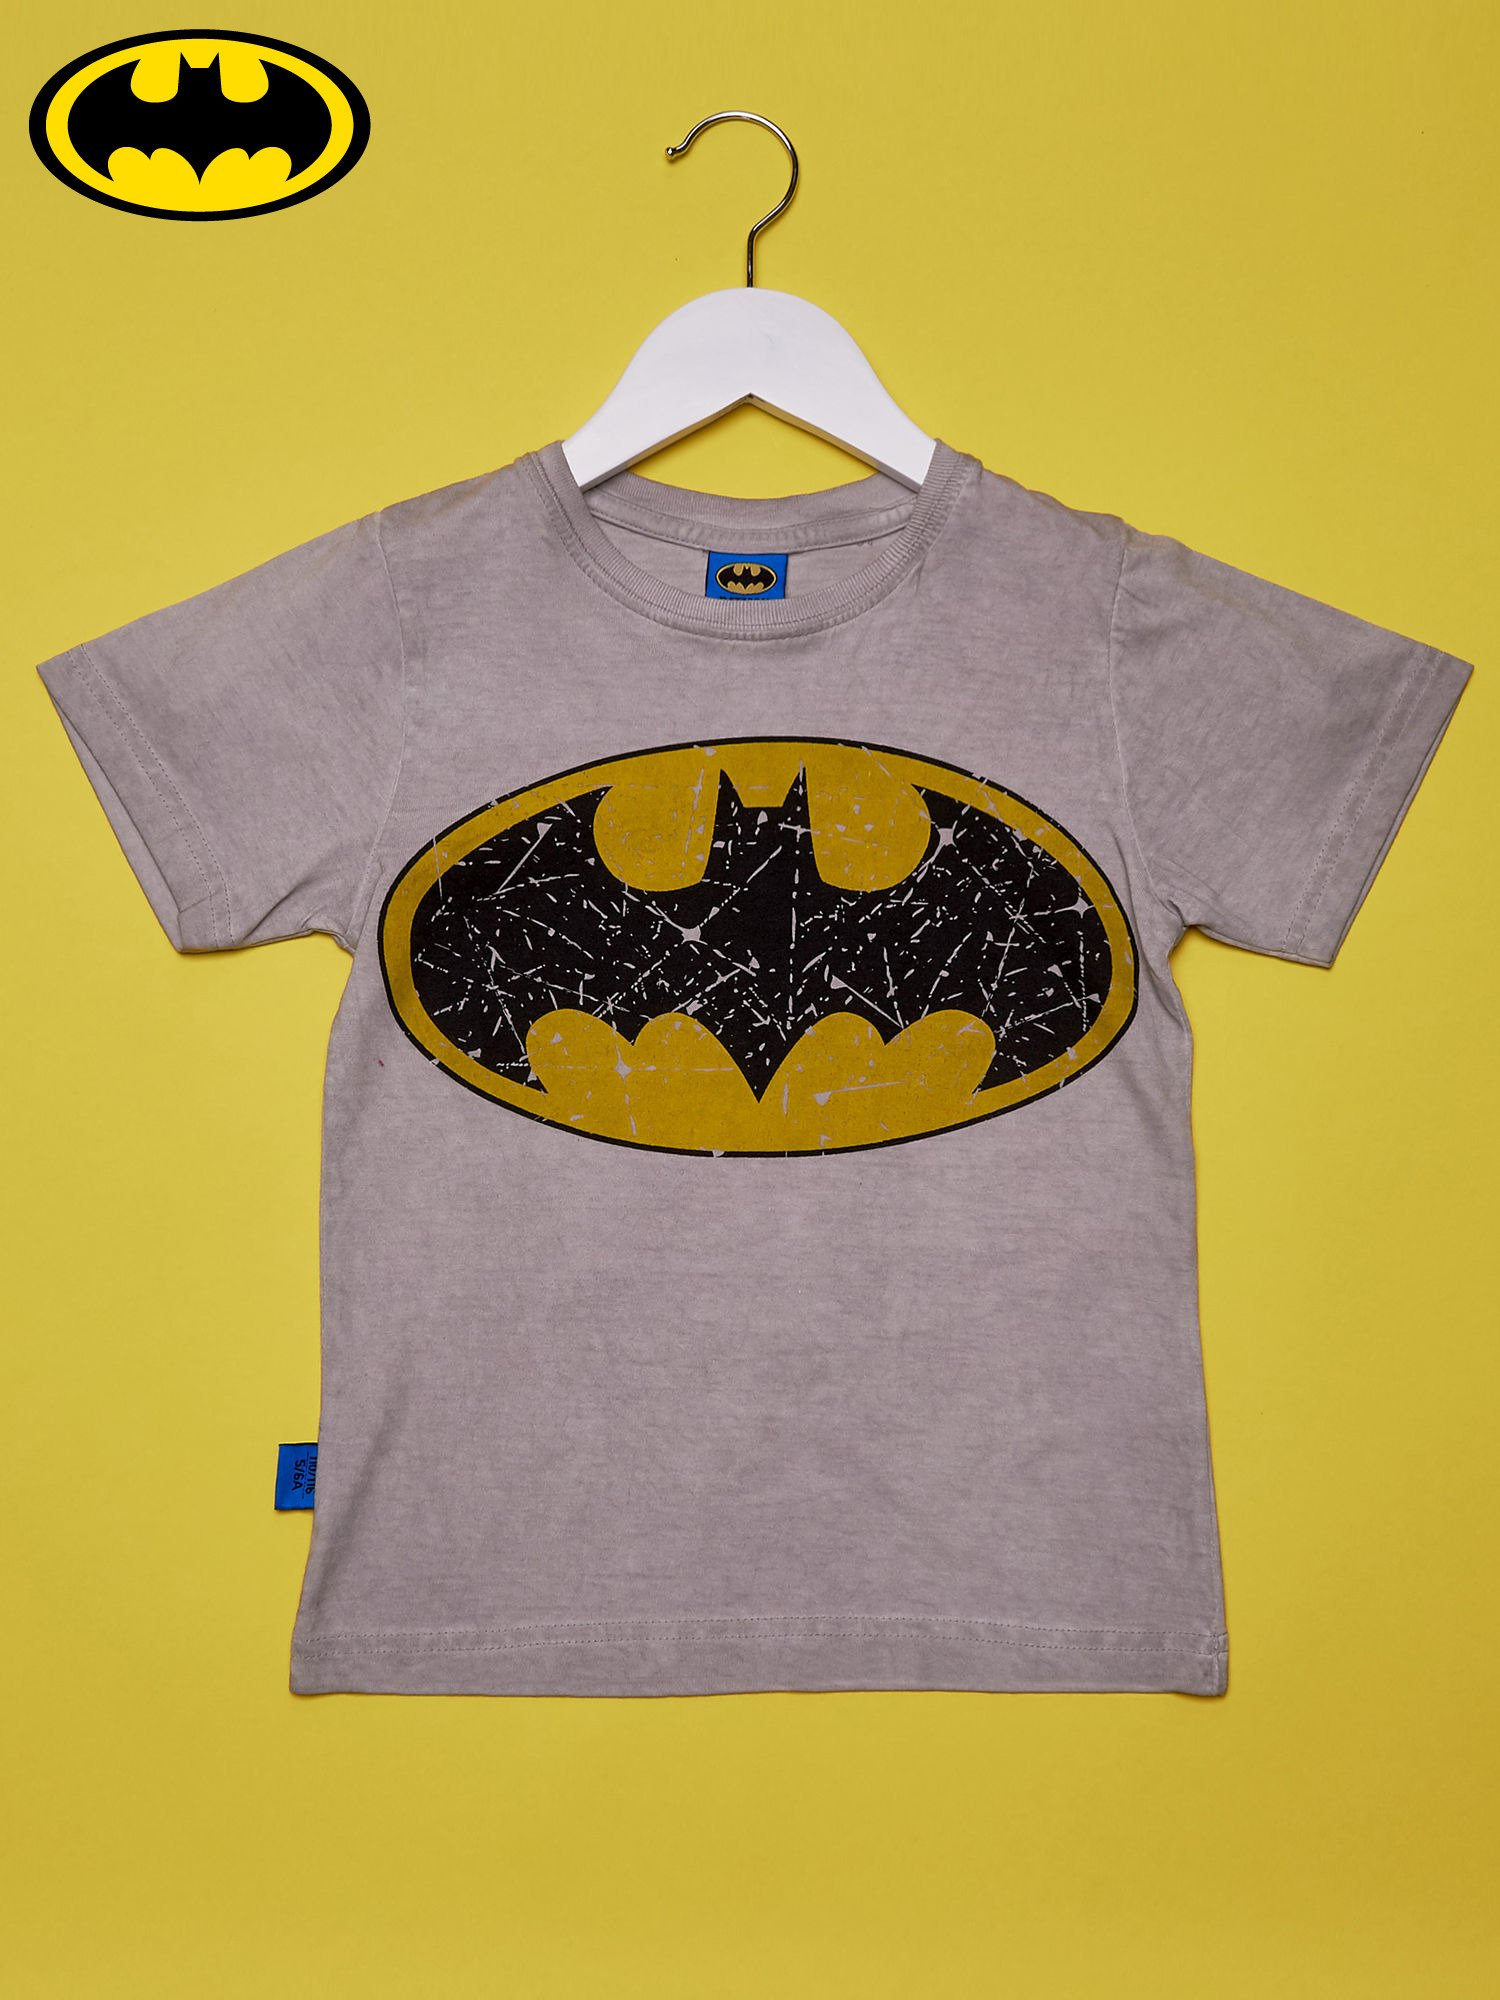 c33d79b47c2232 Szary t-shirt chłopięcy BATMAN - Dziecko Chłopiec - sklep eButik.pl